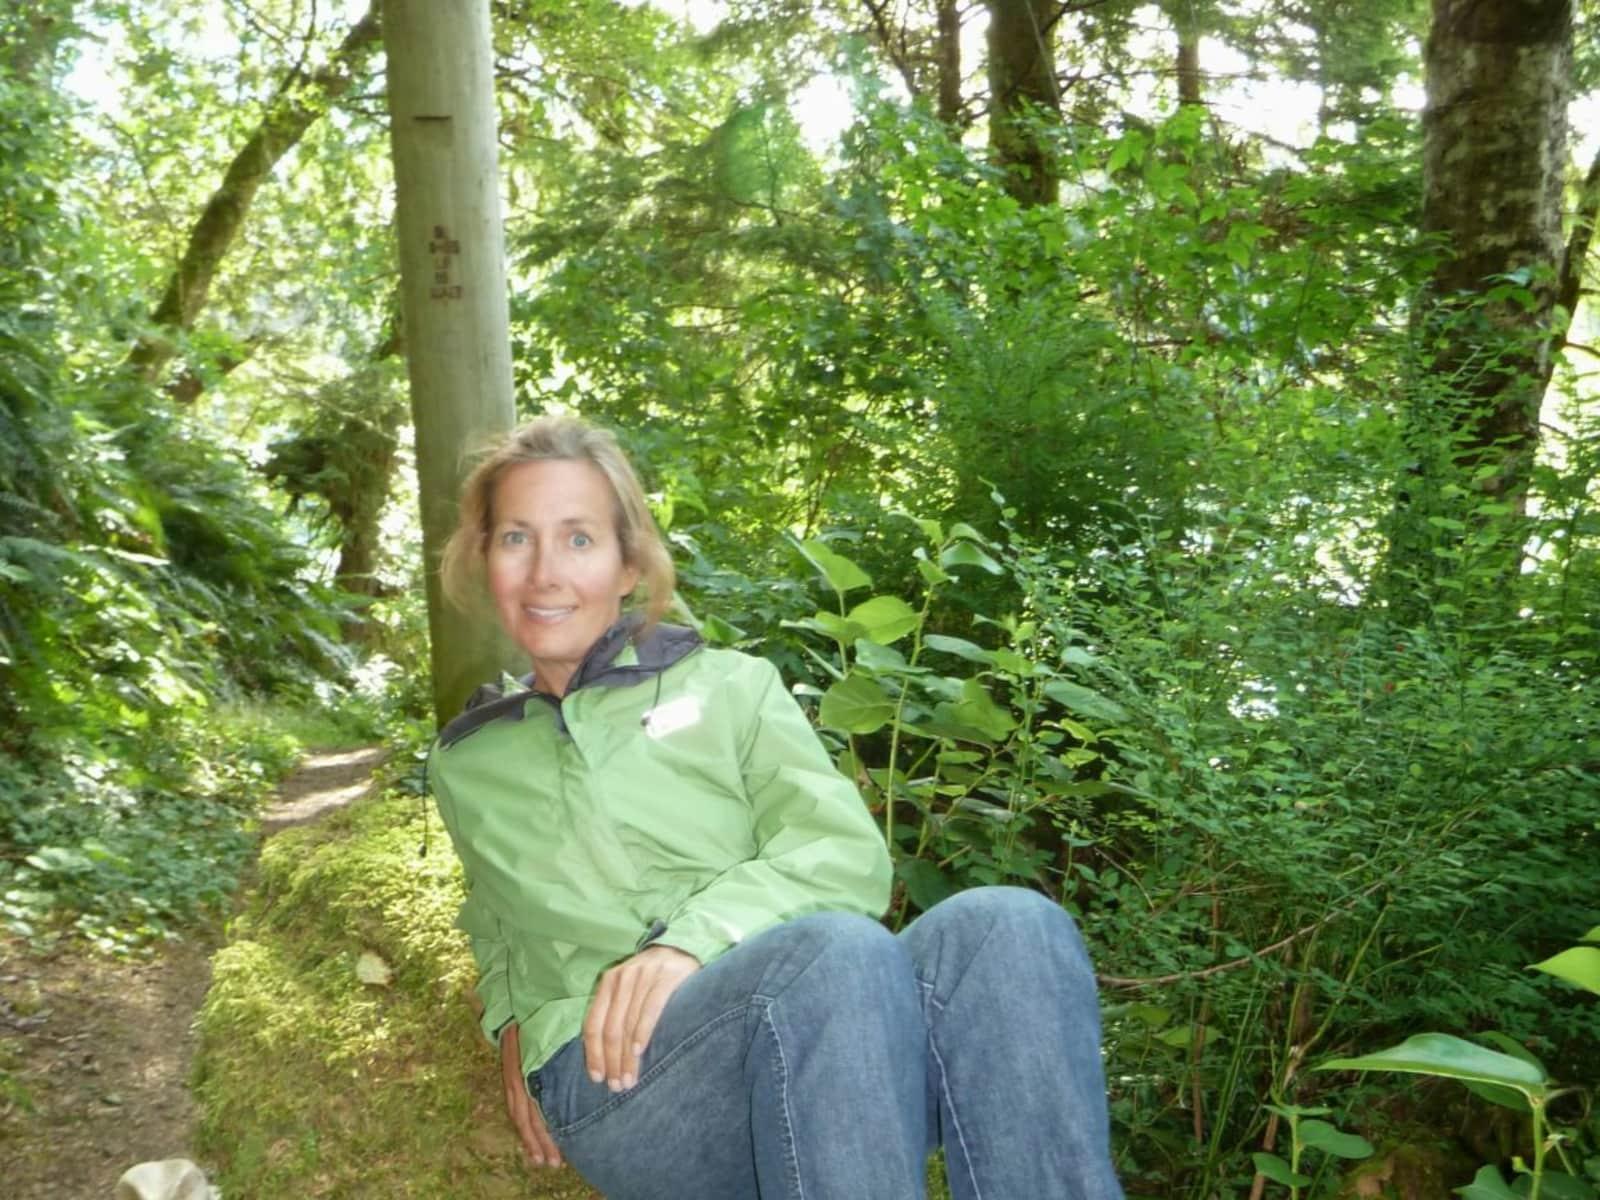 Carol from Nanaimo, British Columbia, Canada